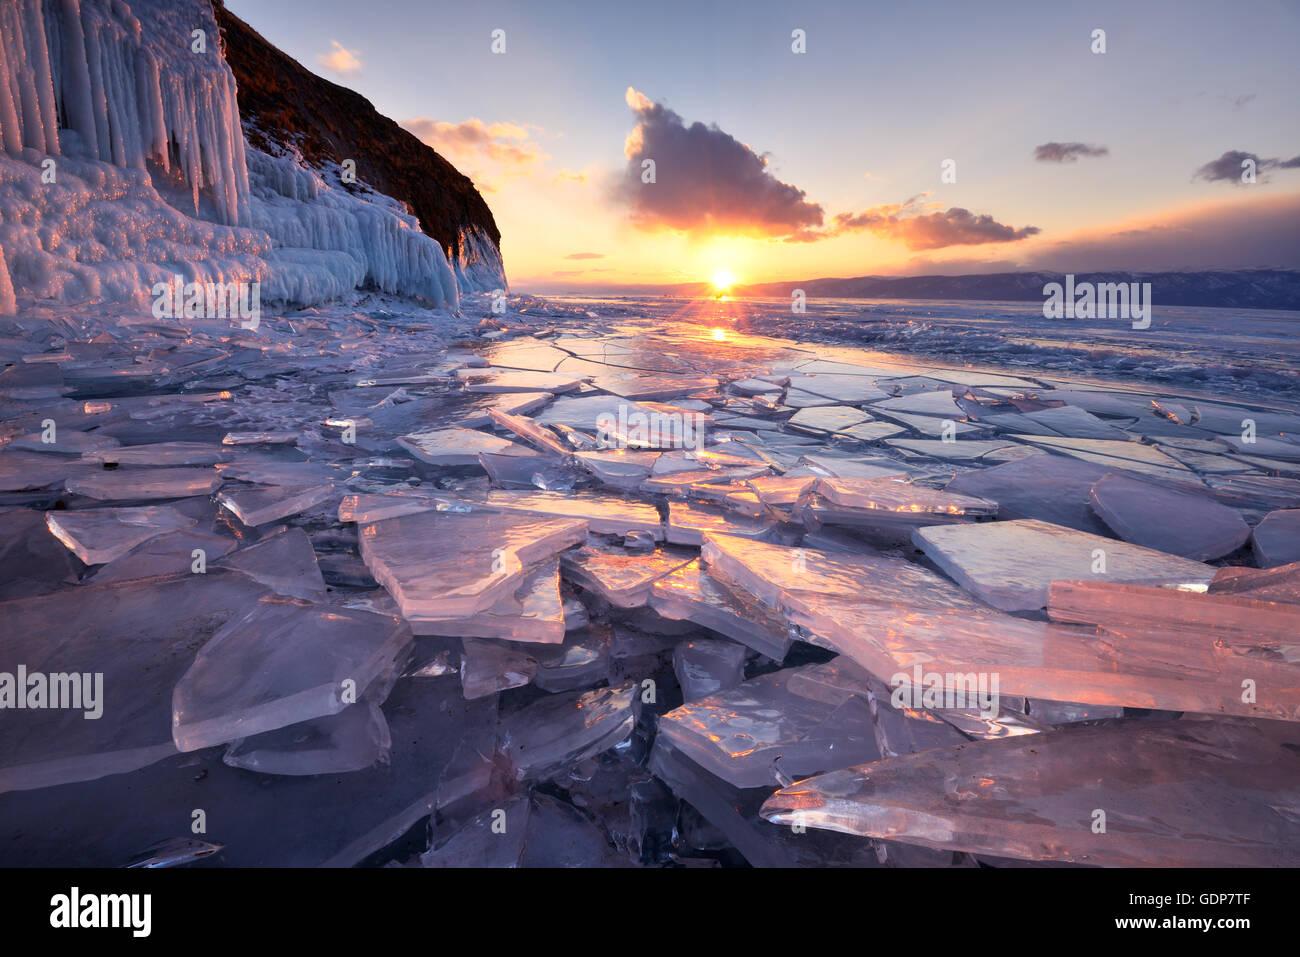 Roto el hielo al atardecer, el lago Baikal, Isla Olkhon, Siberia, Rusia Imagen De Stock